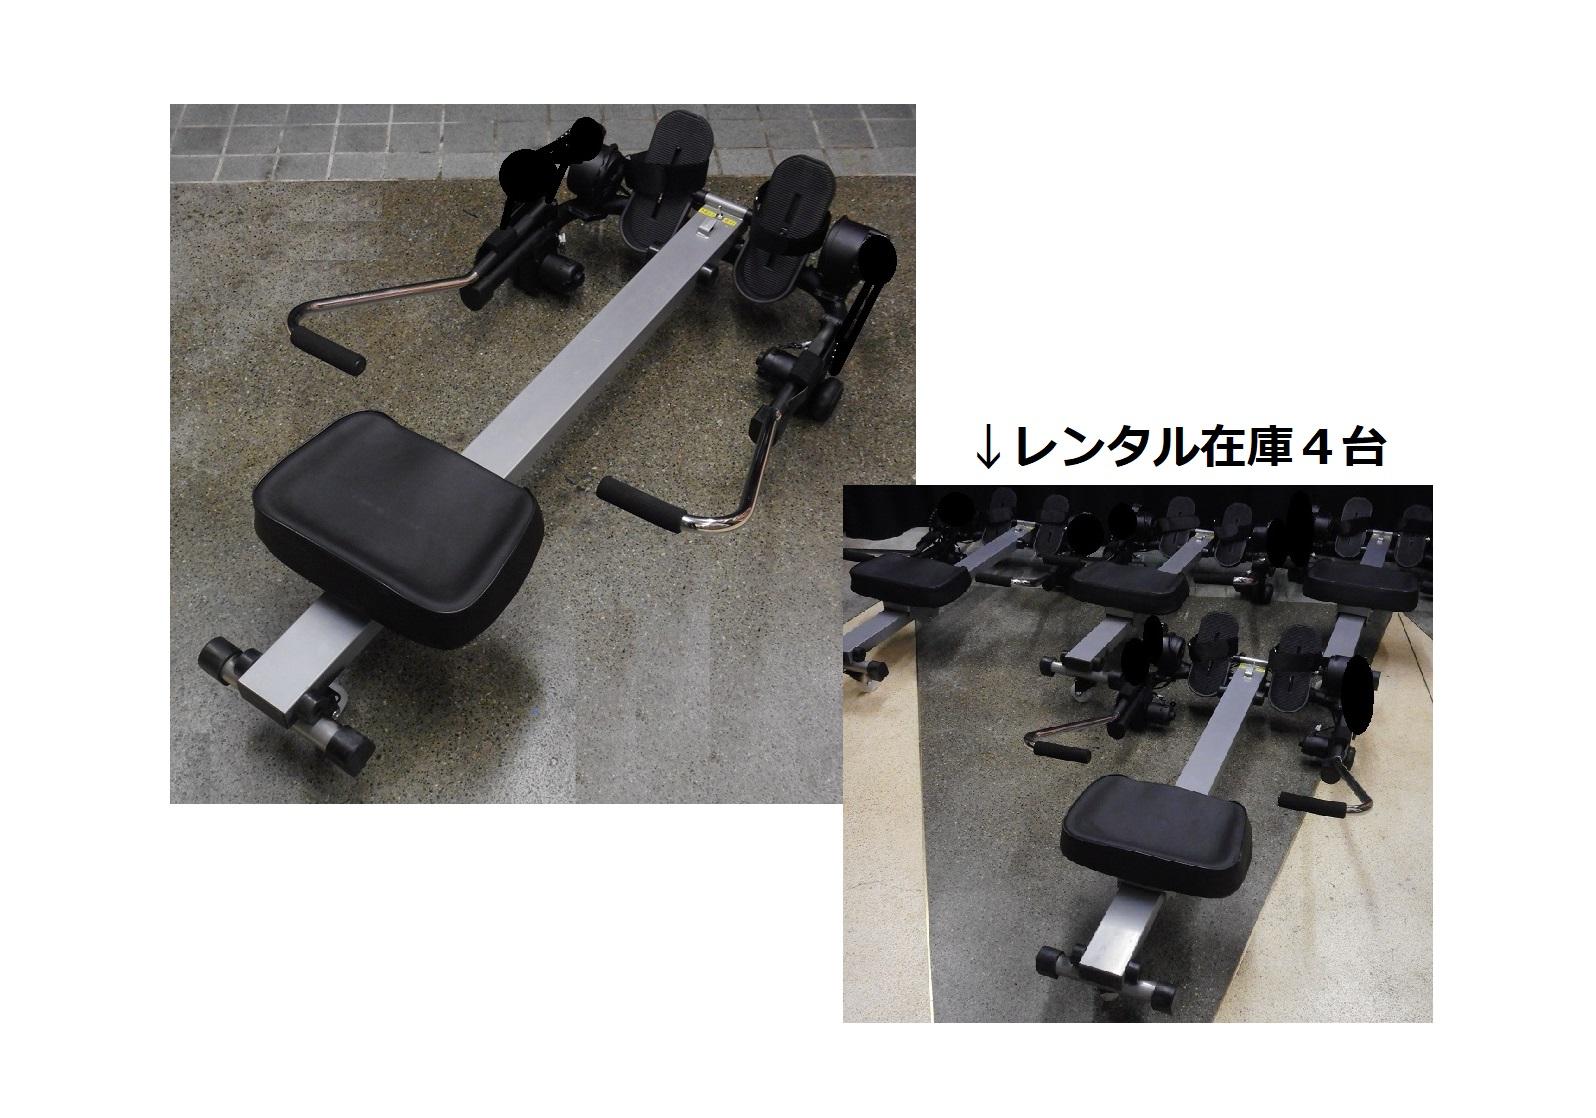 ボート漕ぎ 人力発電機(ローイング マシン 発電装置、ゲーム、走行型)0